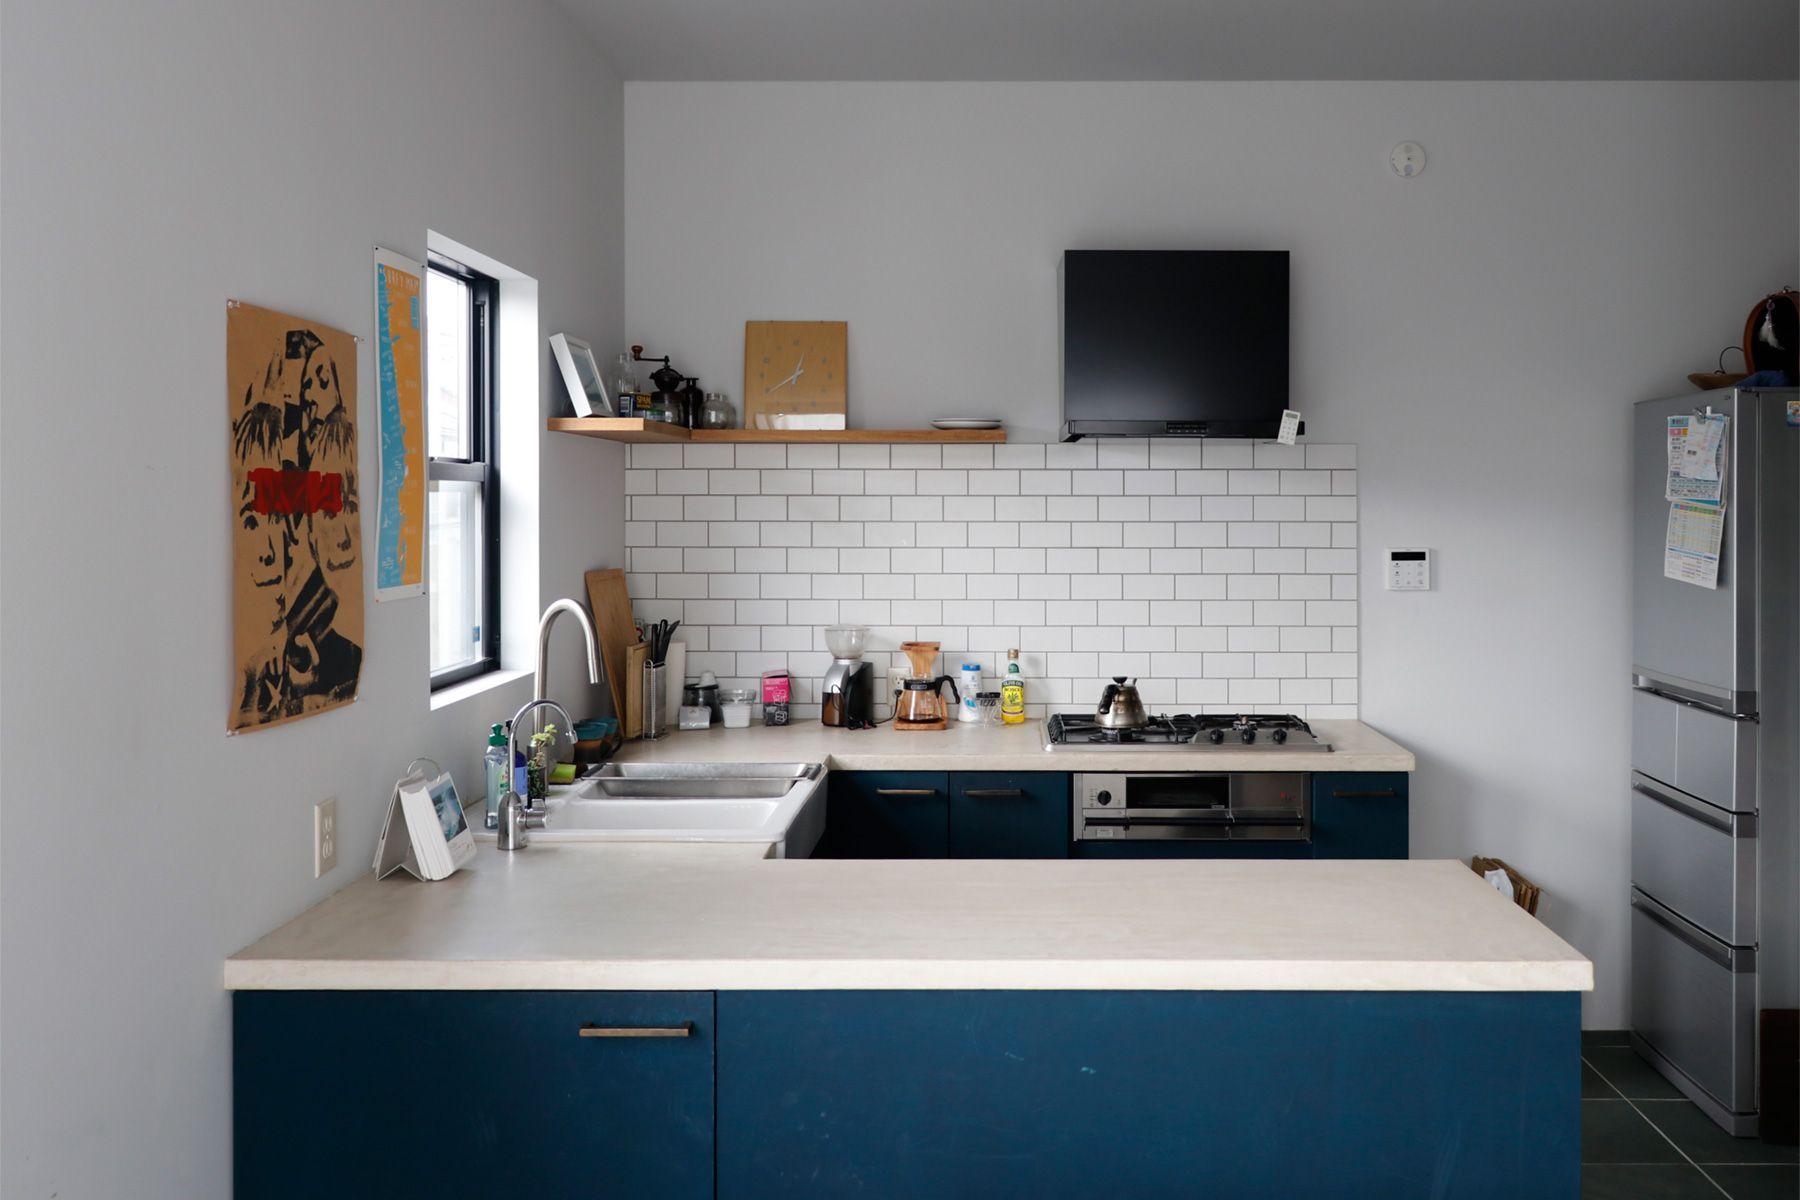 鎌高サーフハウス/個人宅2F キッチン